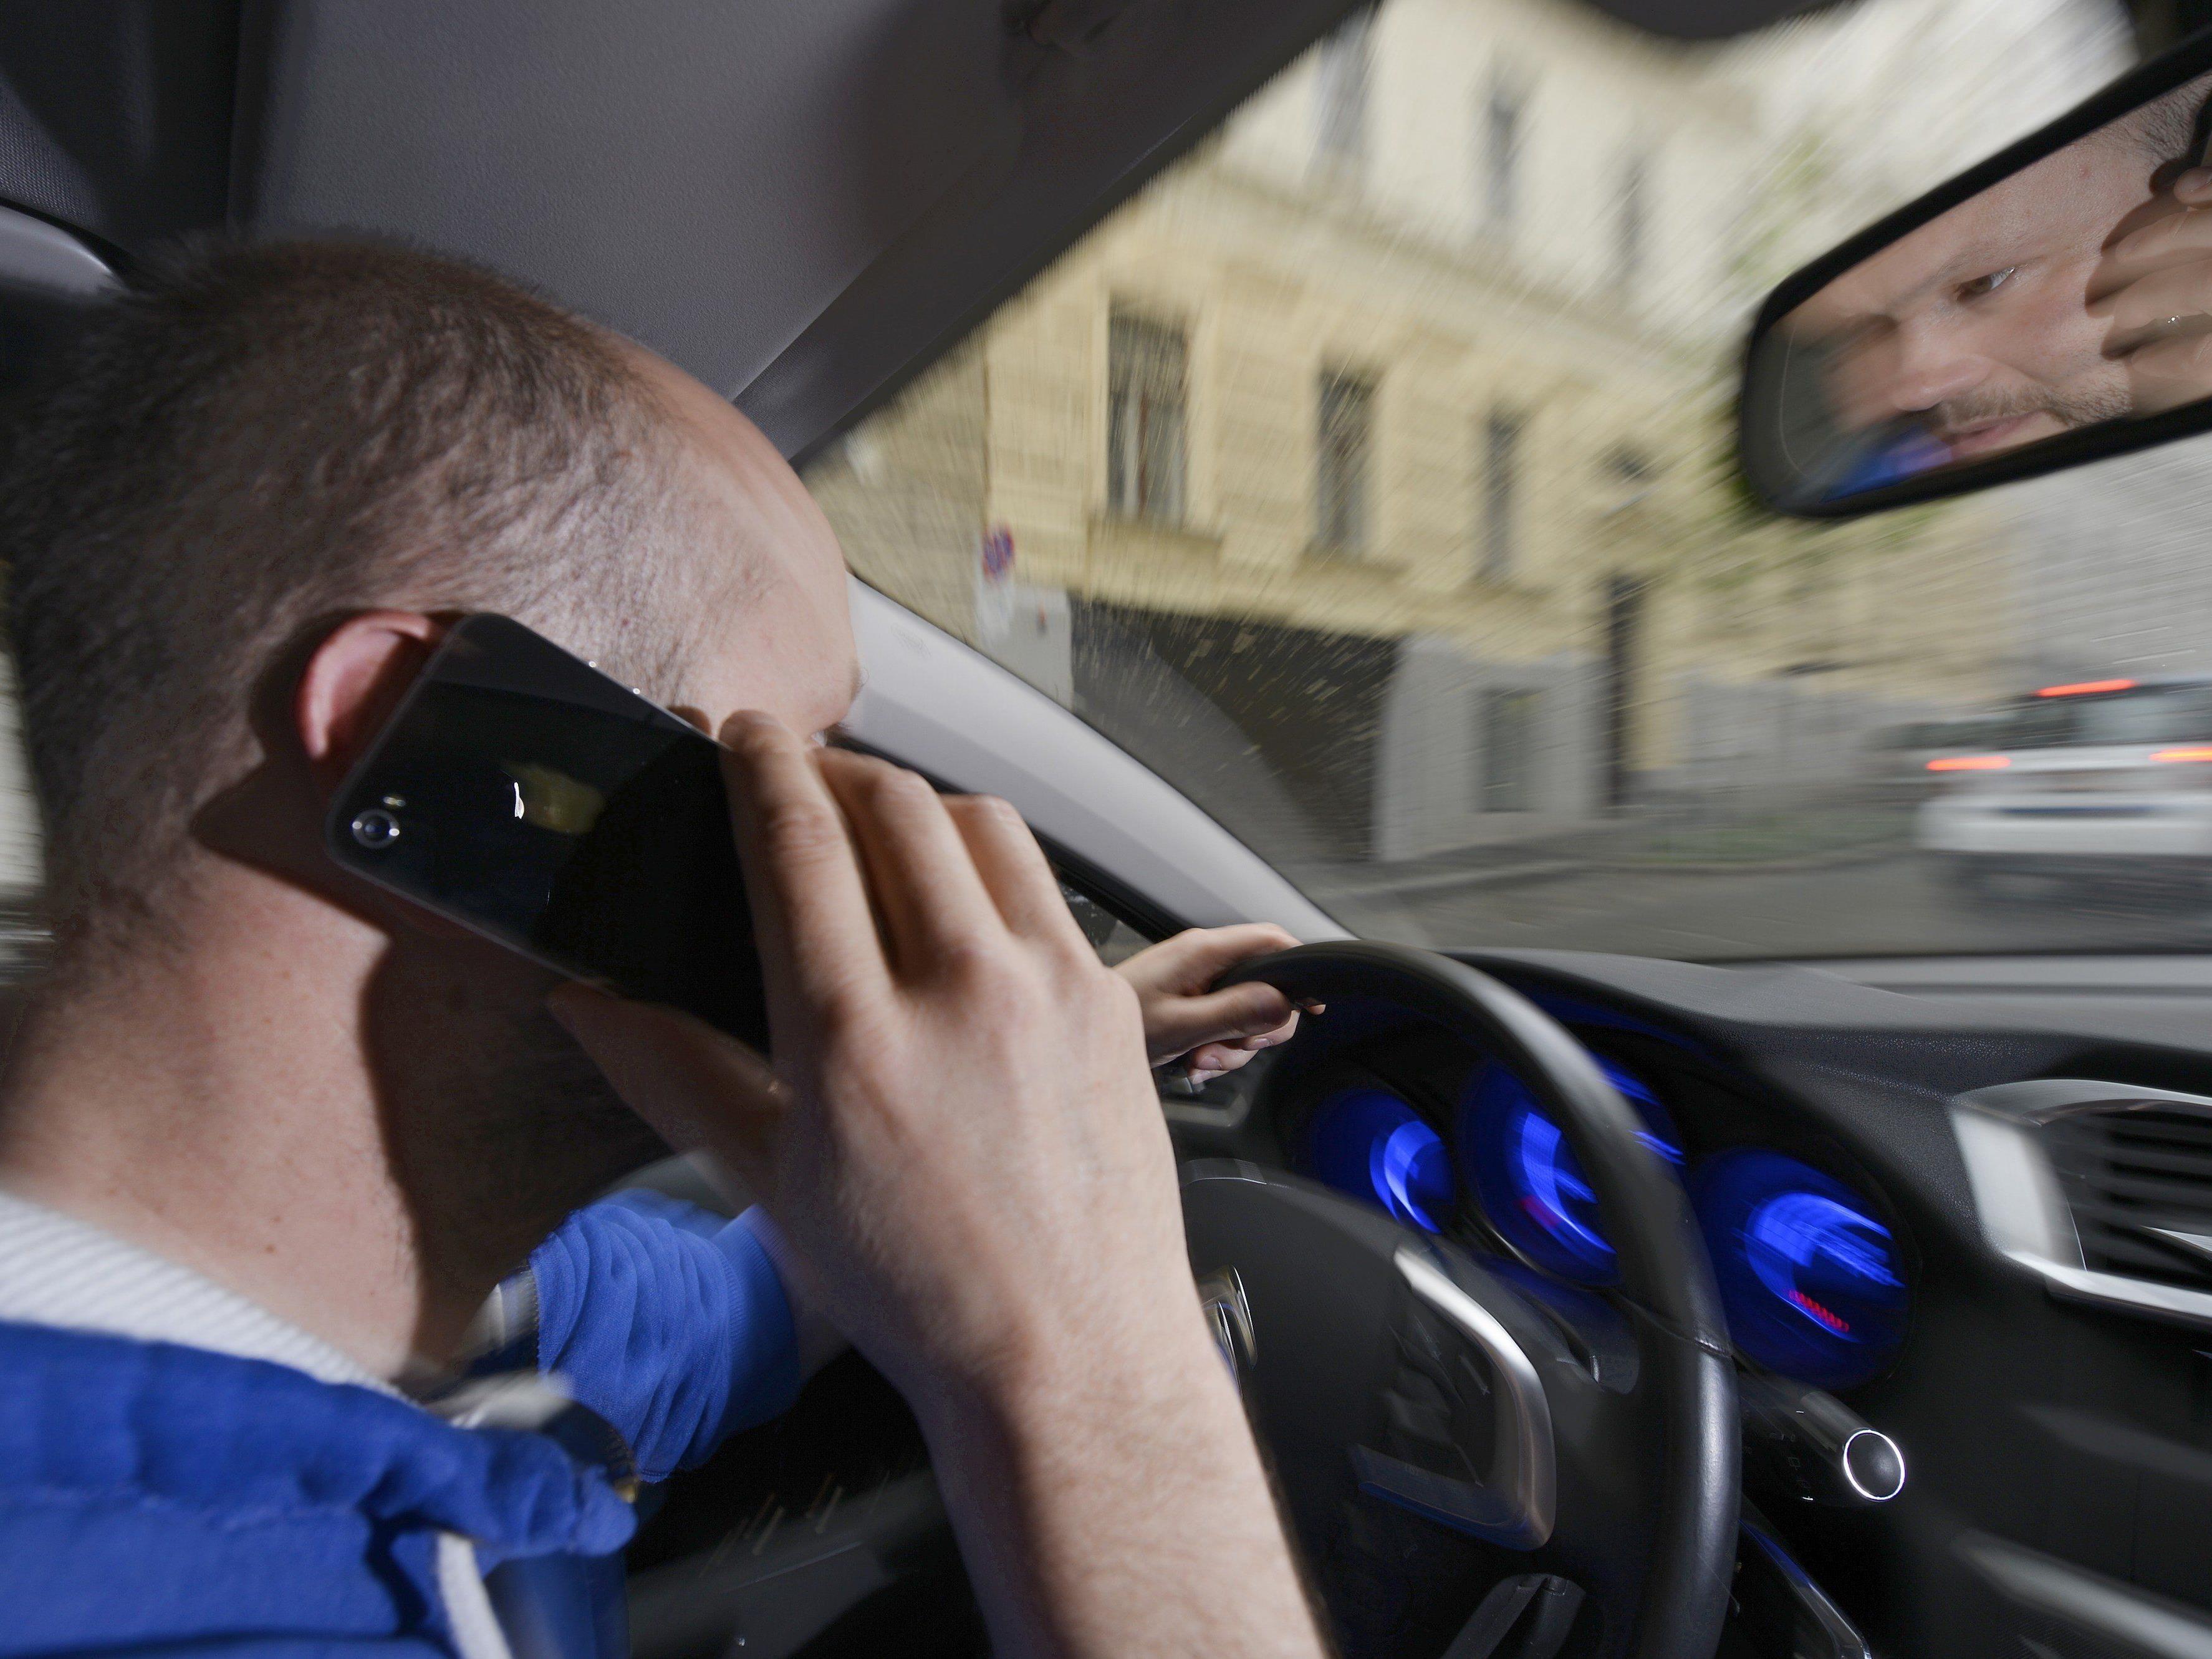 Wer das Handy am Steuer nutzt und sich nicht anschnallt, kann nun mittels Radarfoto gestraft werden